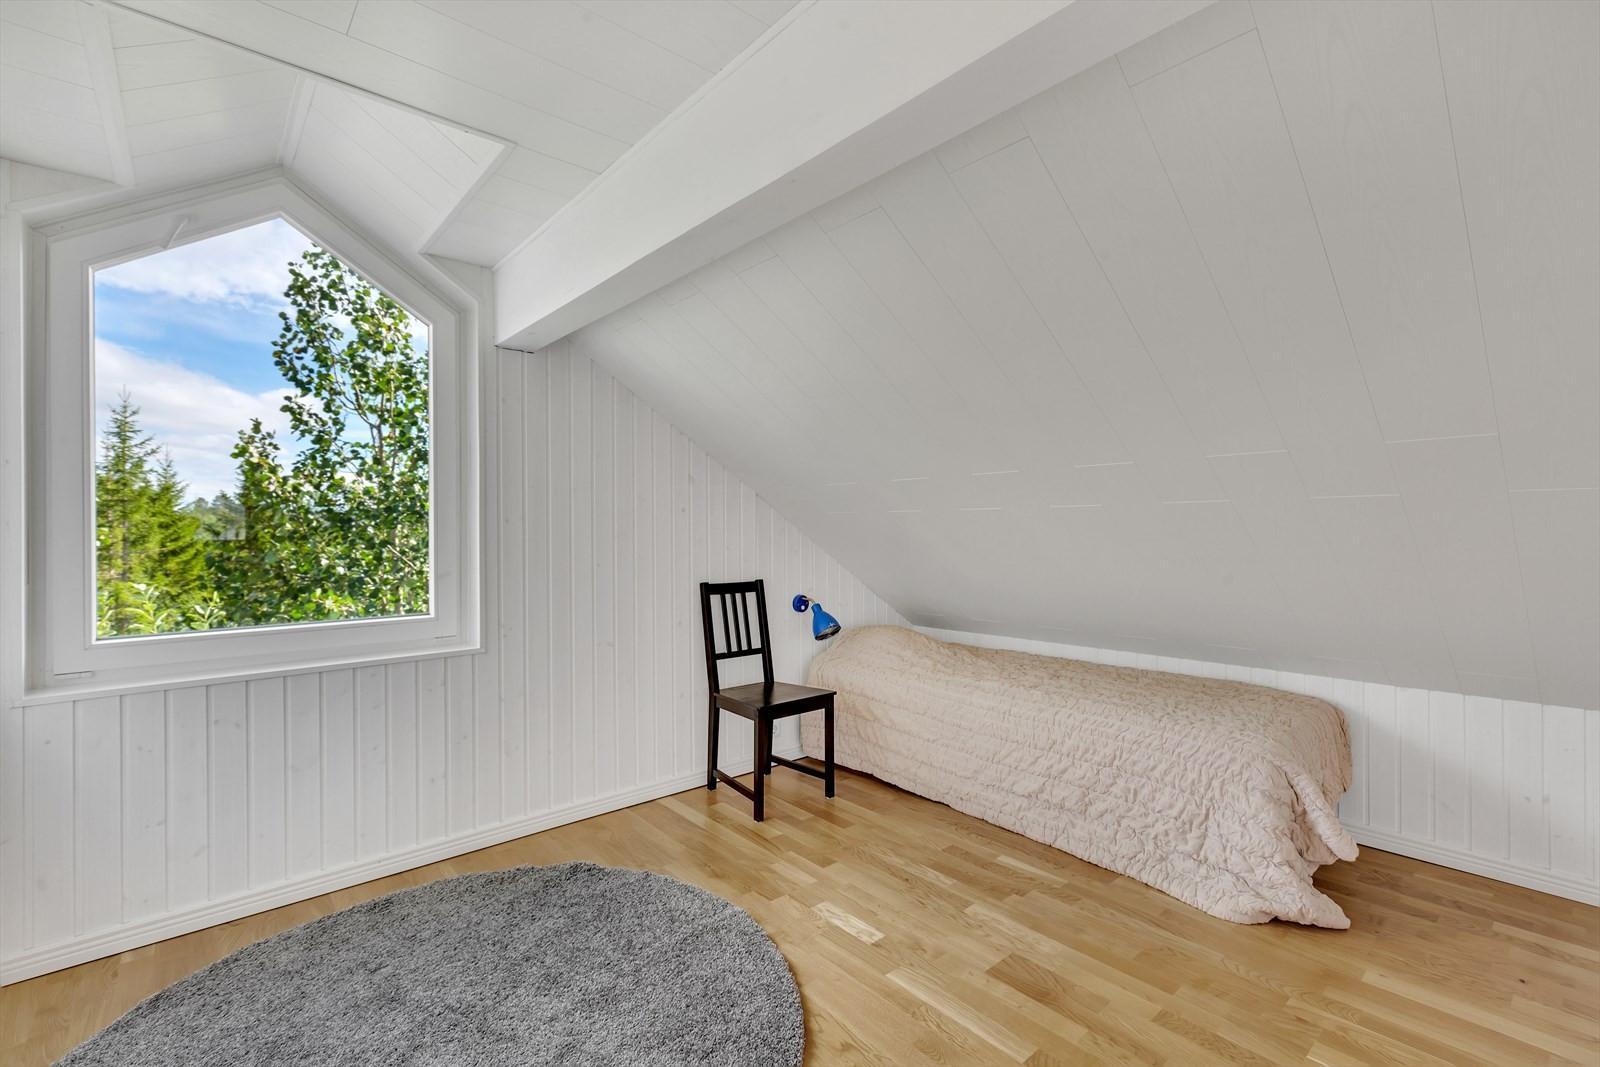 Boligen har 4 flotte soverom fordelt på begge etasjene.